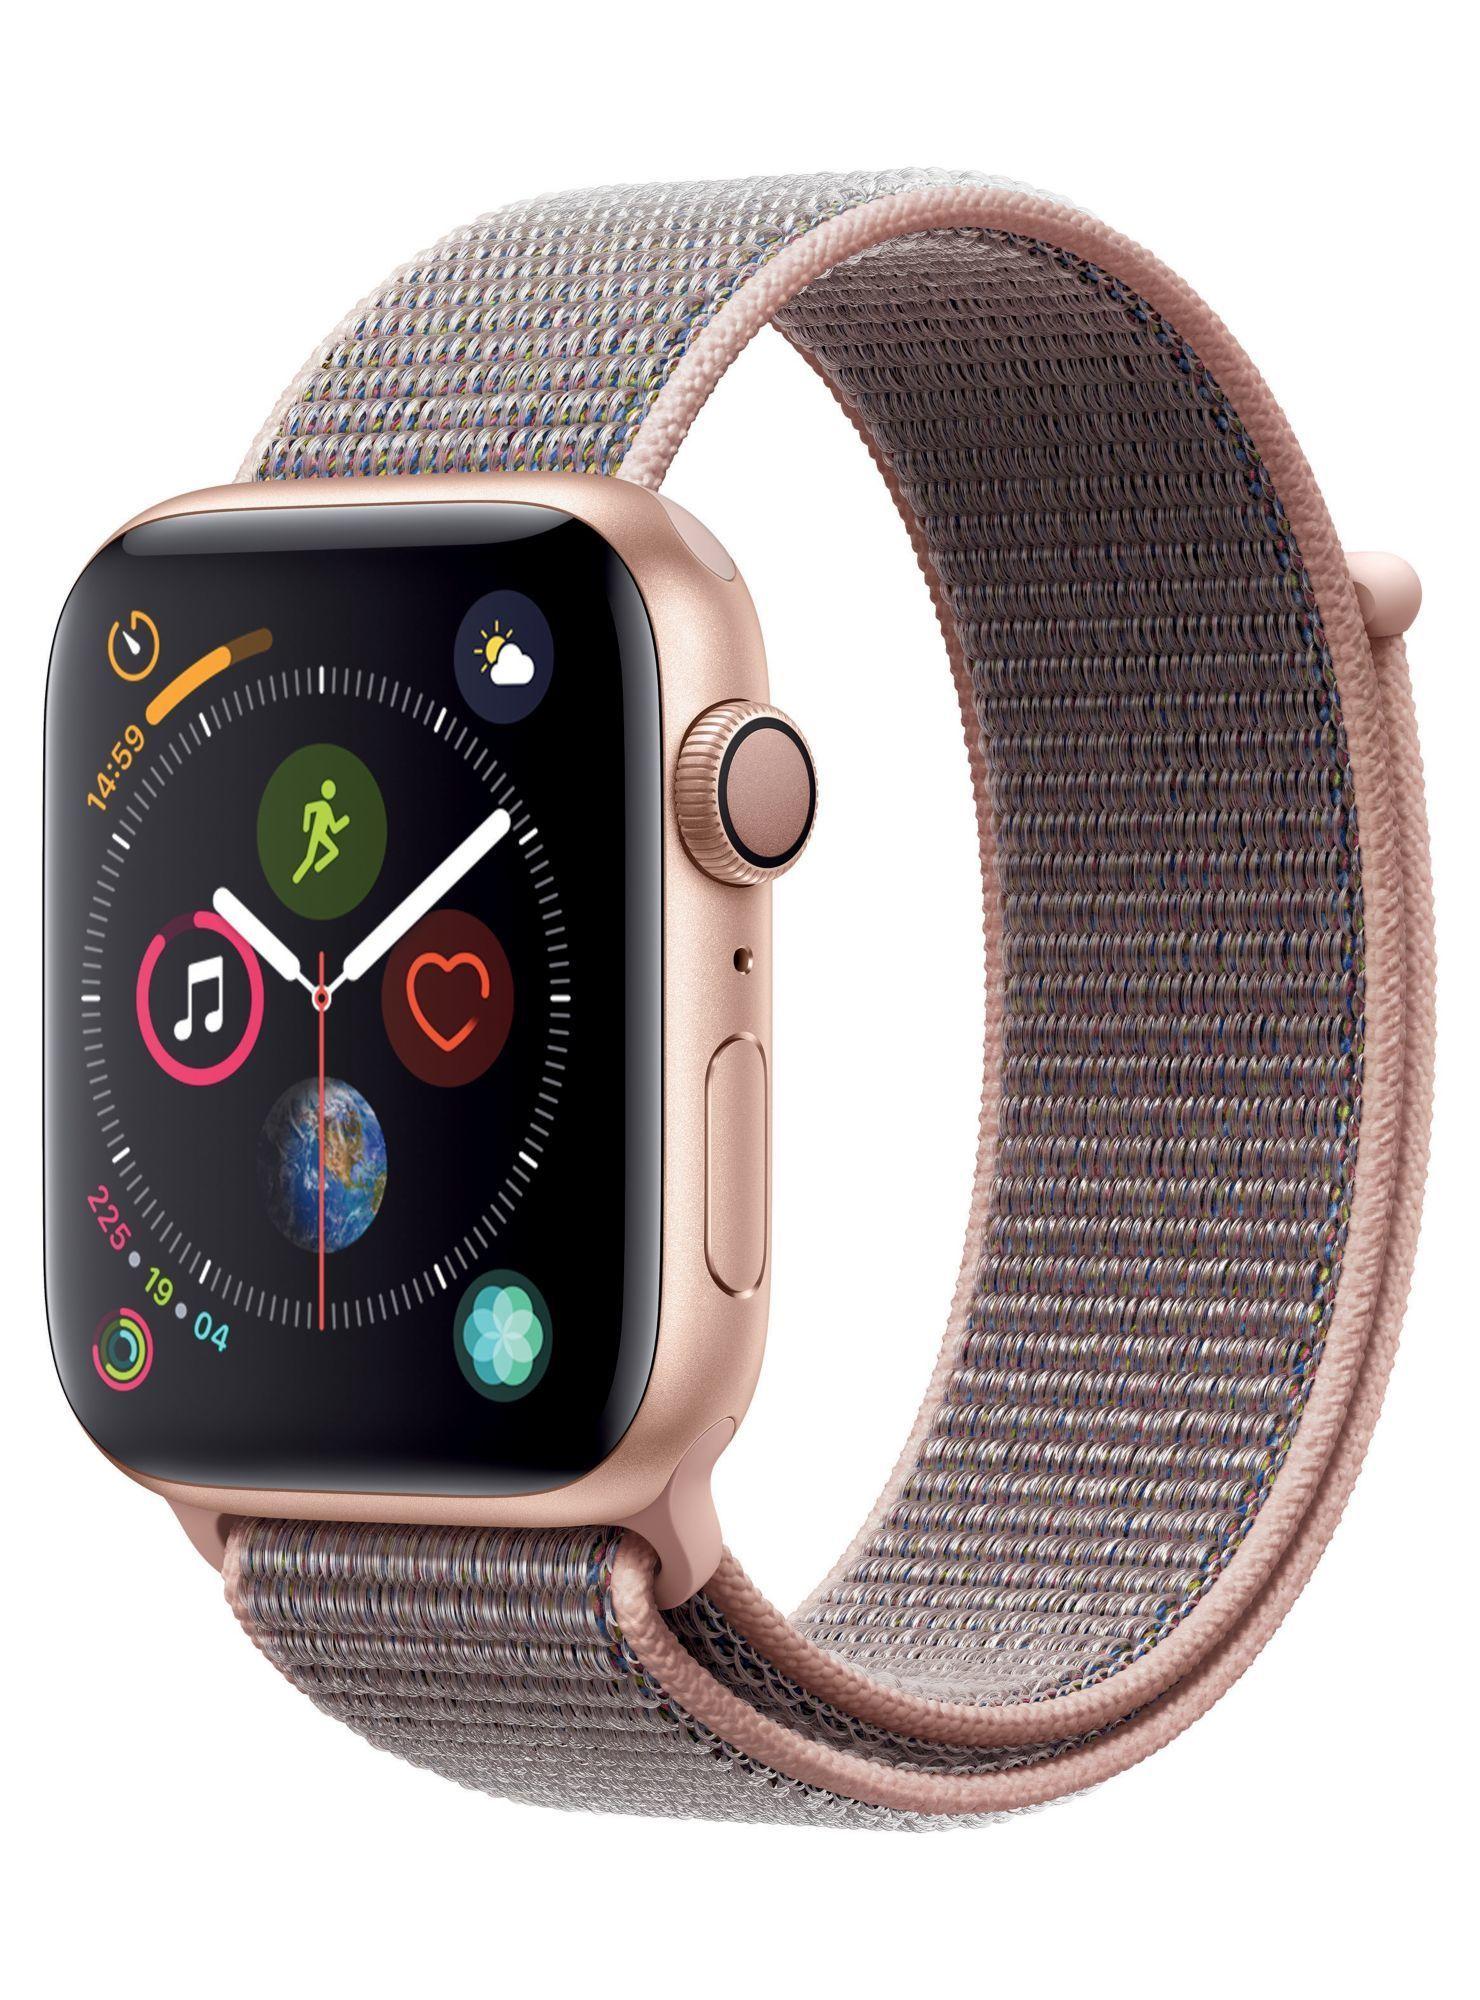 Apple Watch Series 4 Gps Caja Aluminio En Oro 44 Mm Y Correa Loop Deportiva Rosa Arena Smartwatch Y Apple Watch Correas Apple Watch Accesorios Para Iphone